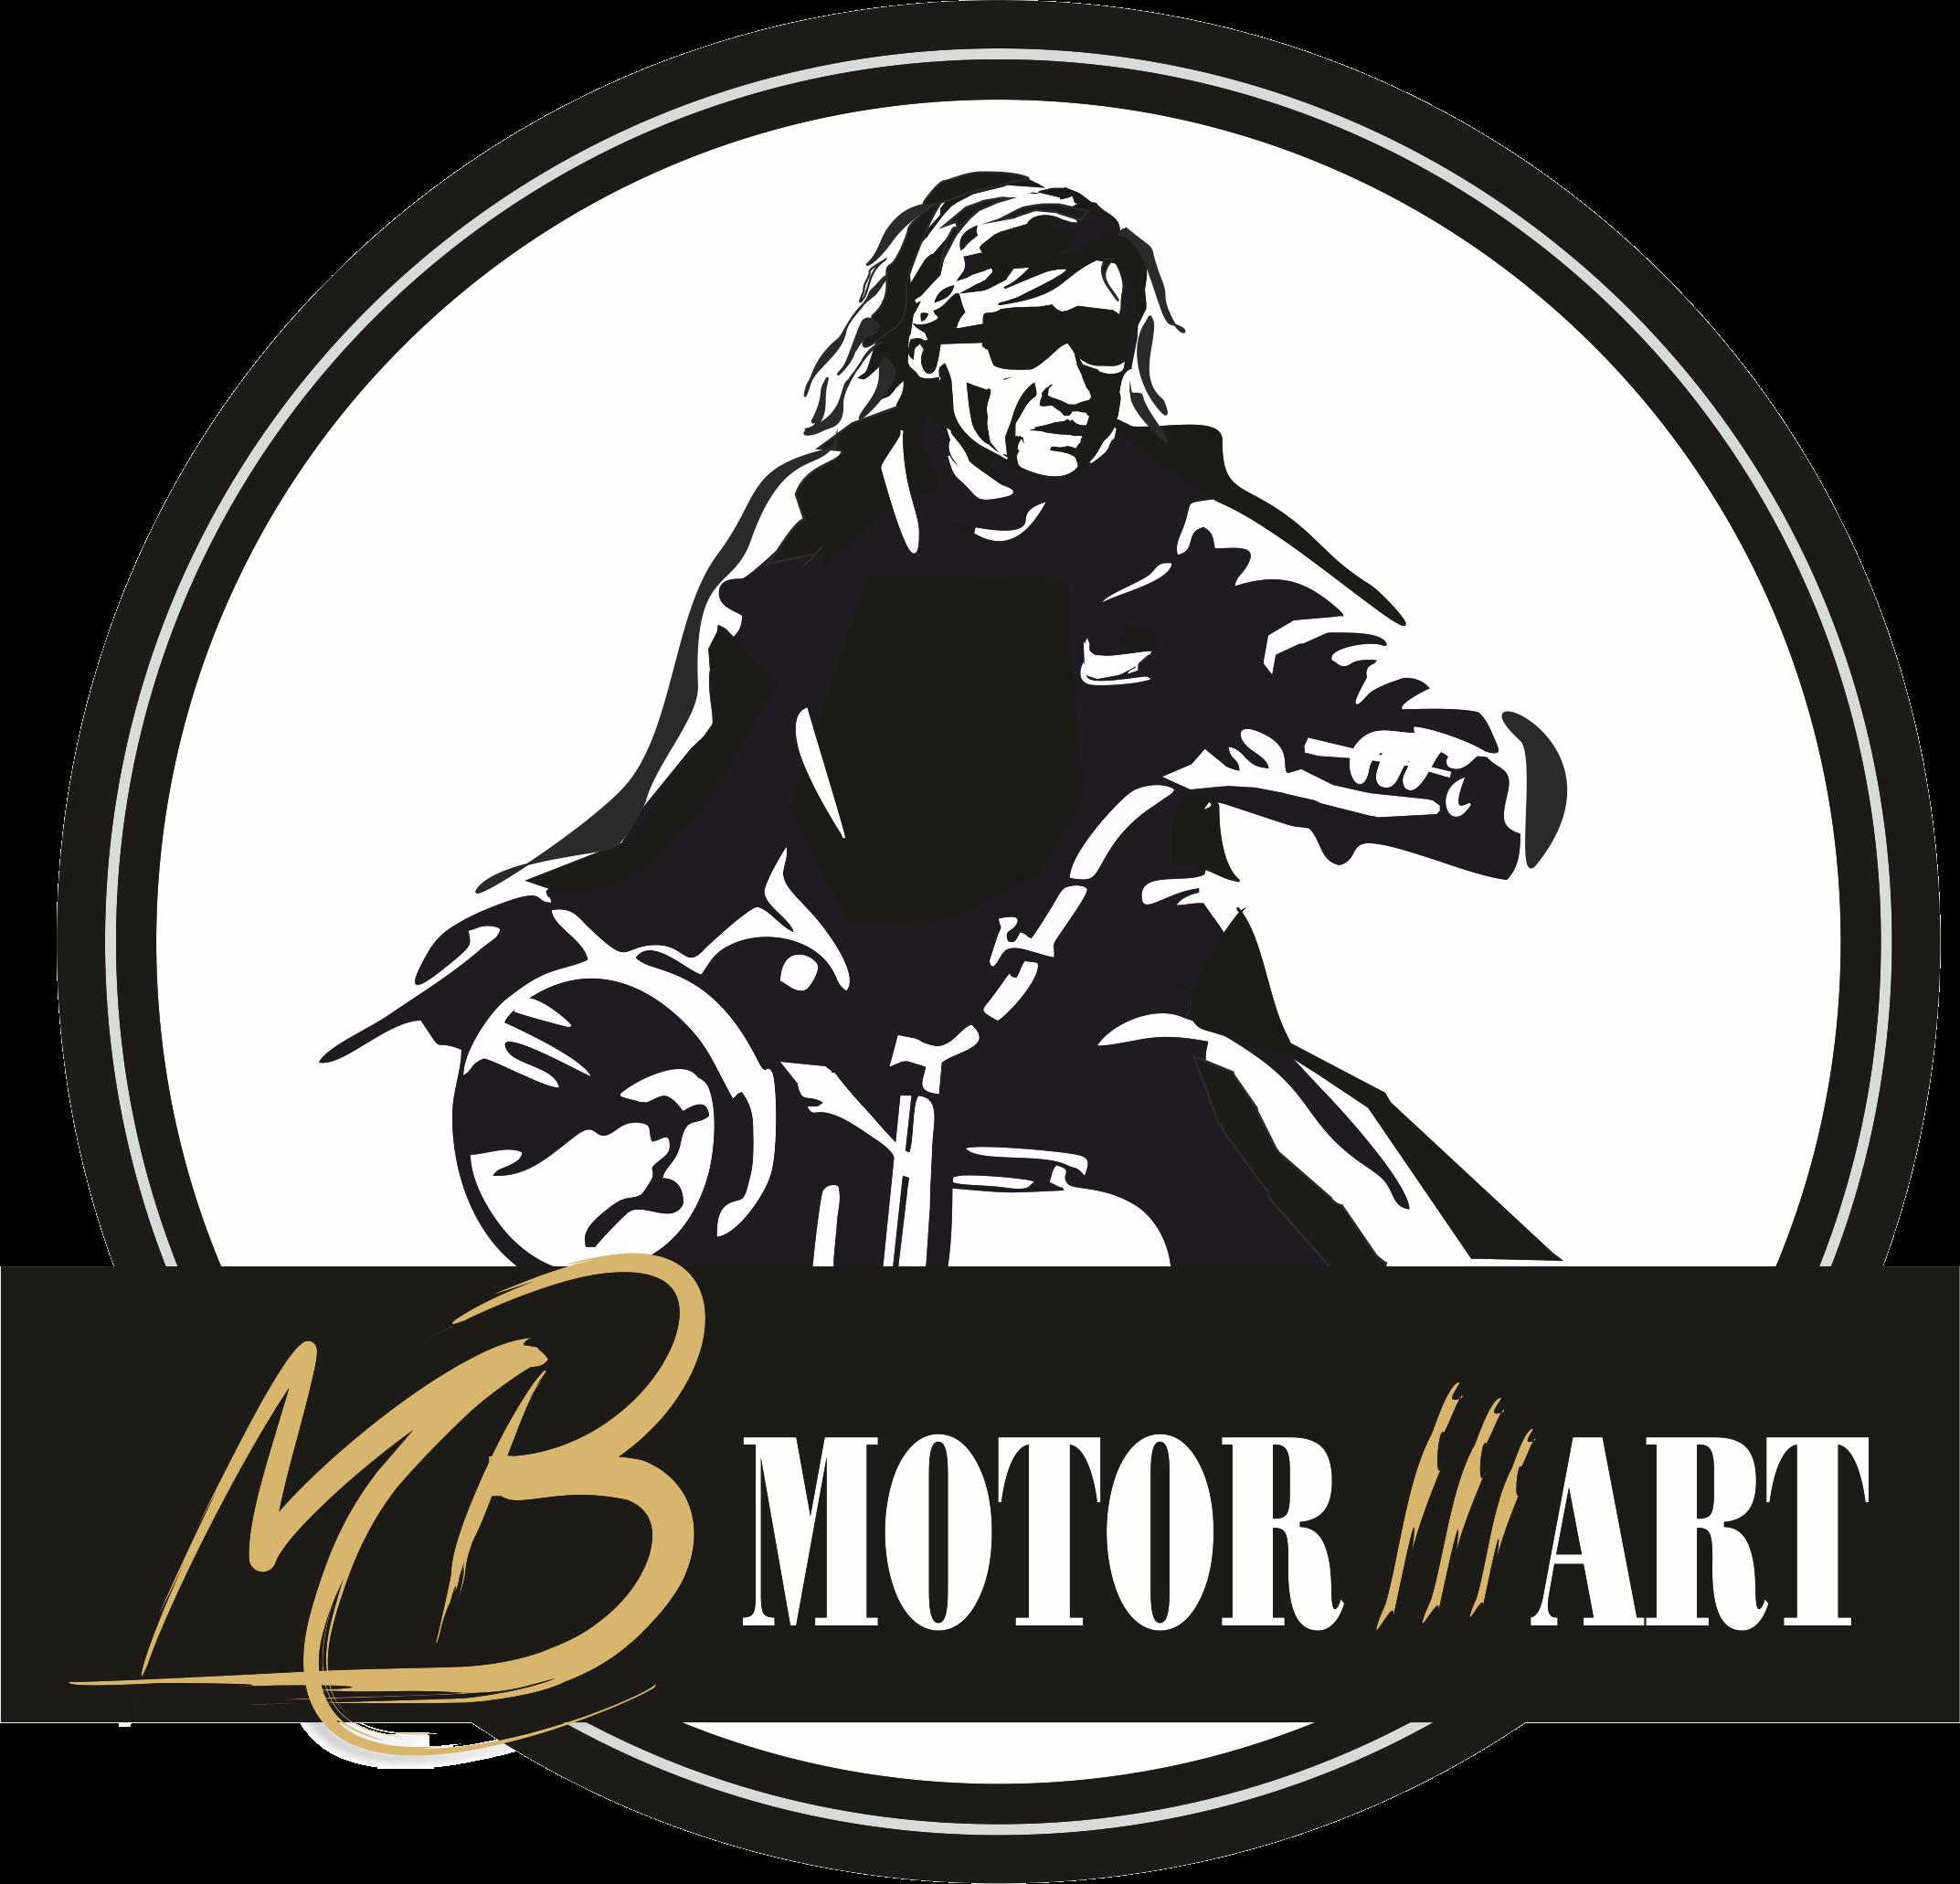 MB MOTORART